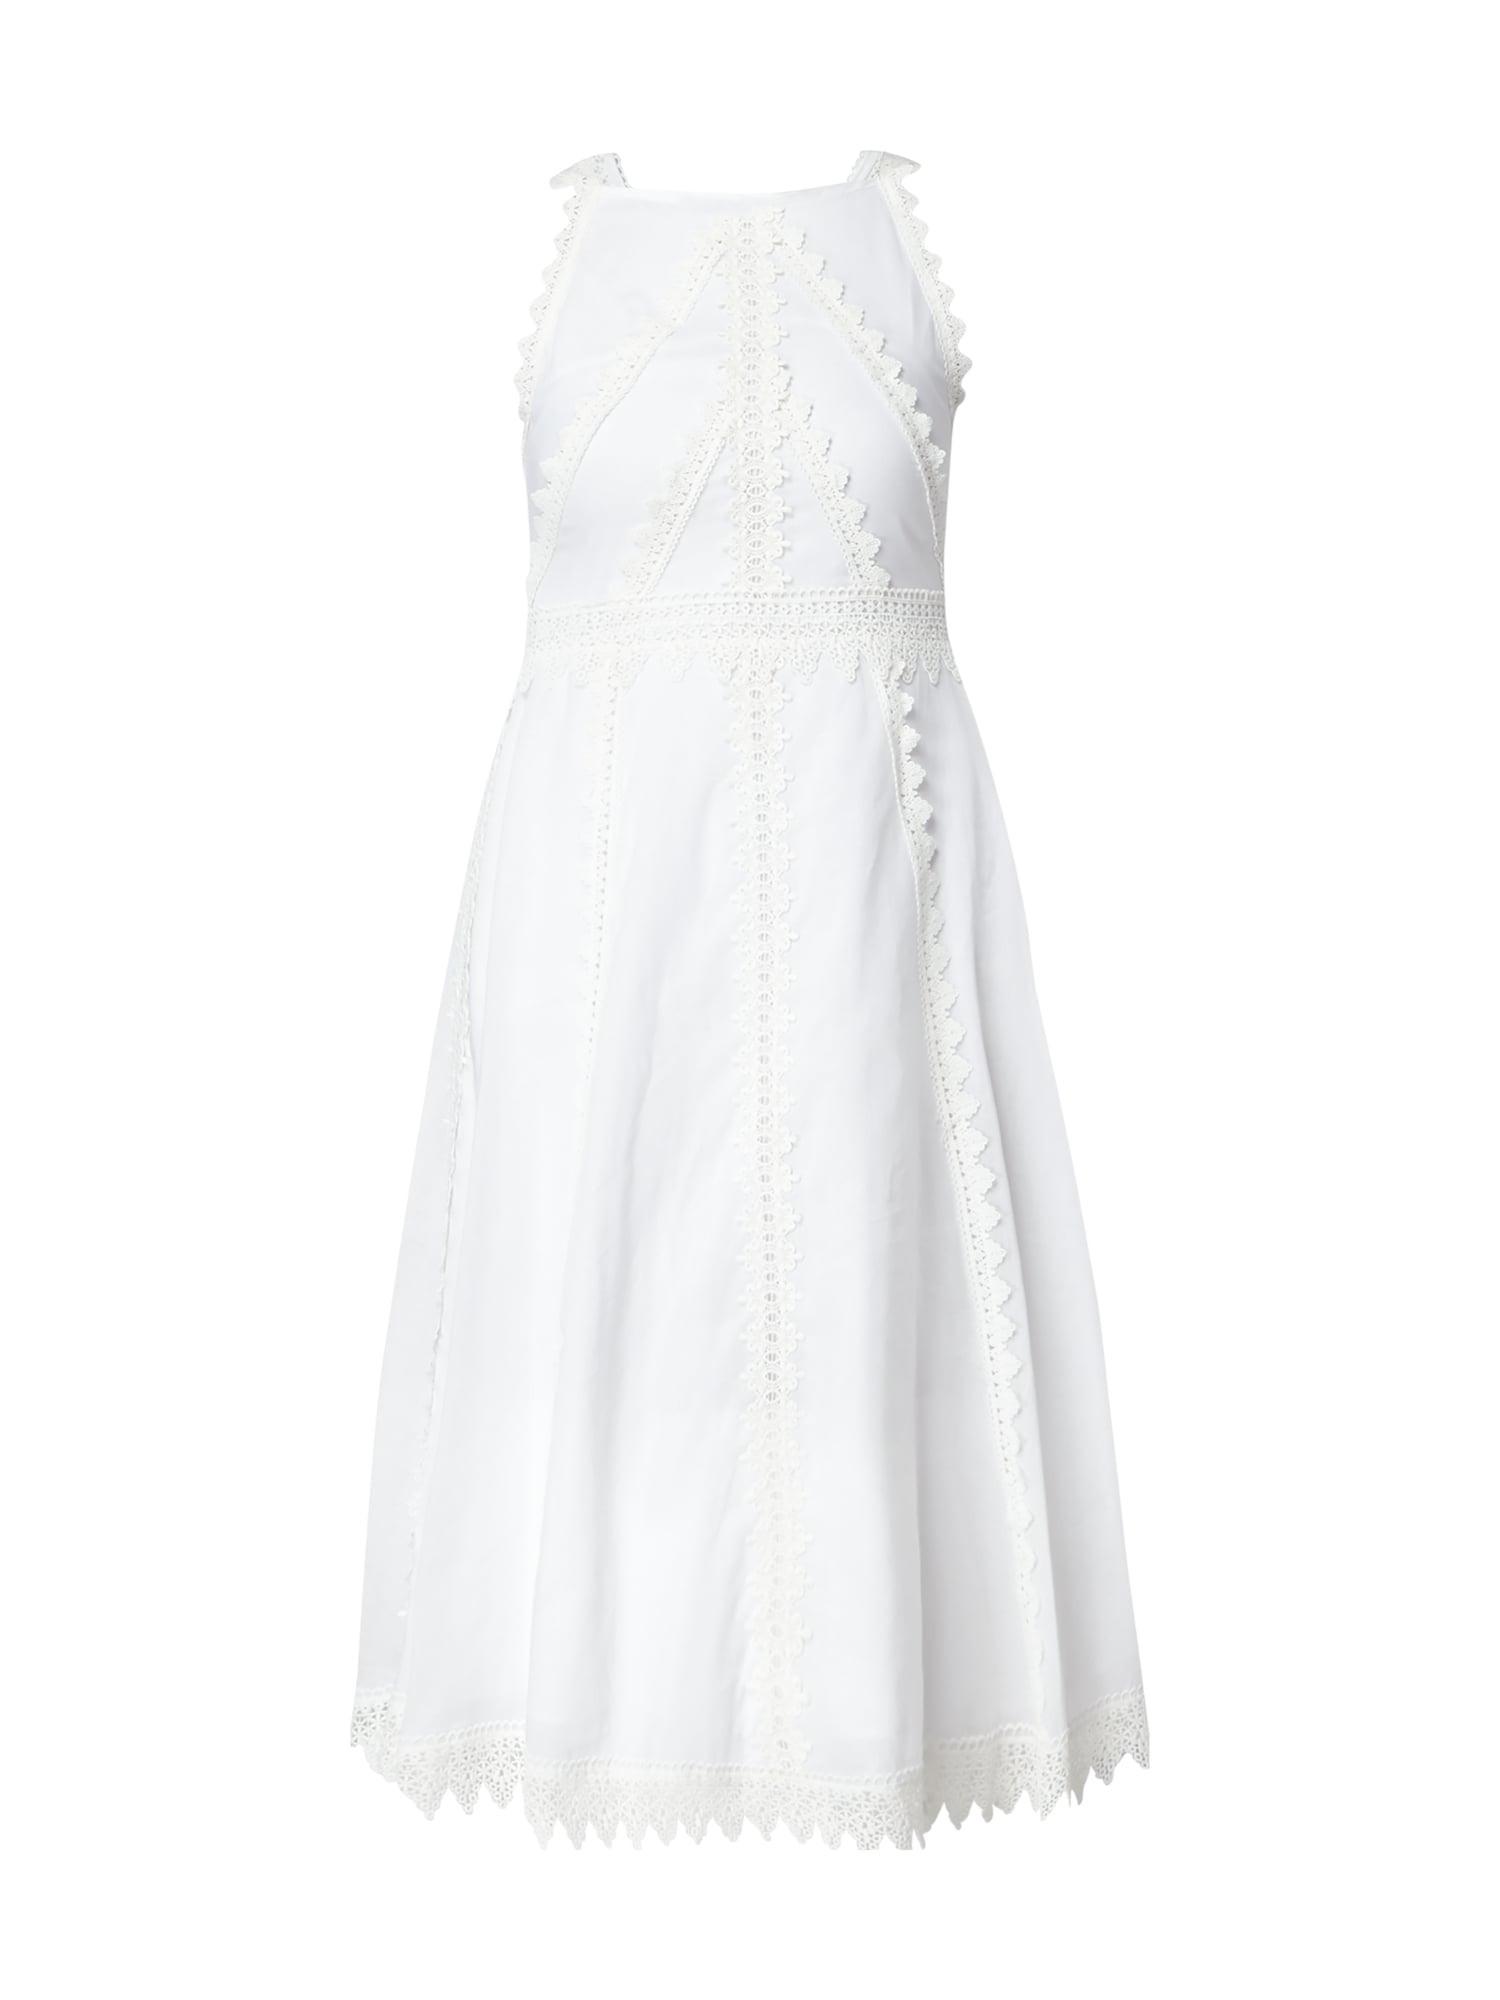 20 Schön Kleid Weiß Spitze ÄrmelAbend Schön Kleid Weiß Spitze Stylish